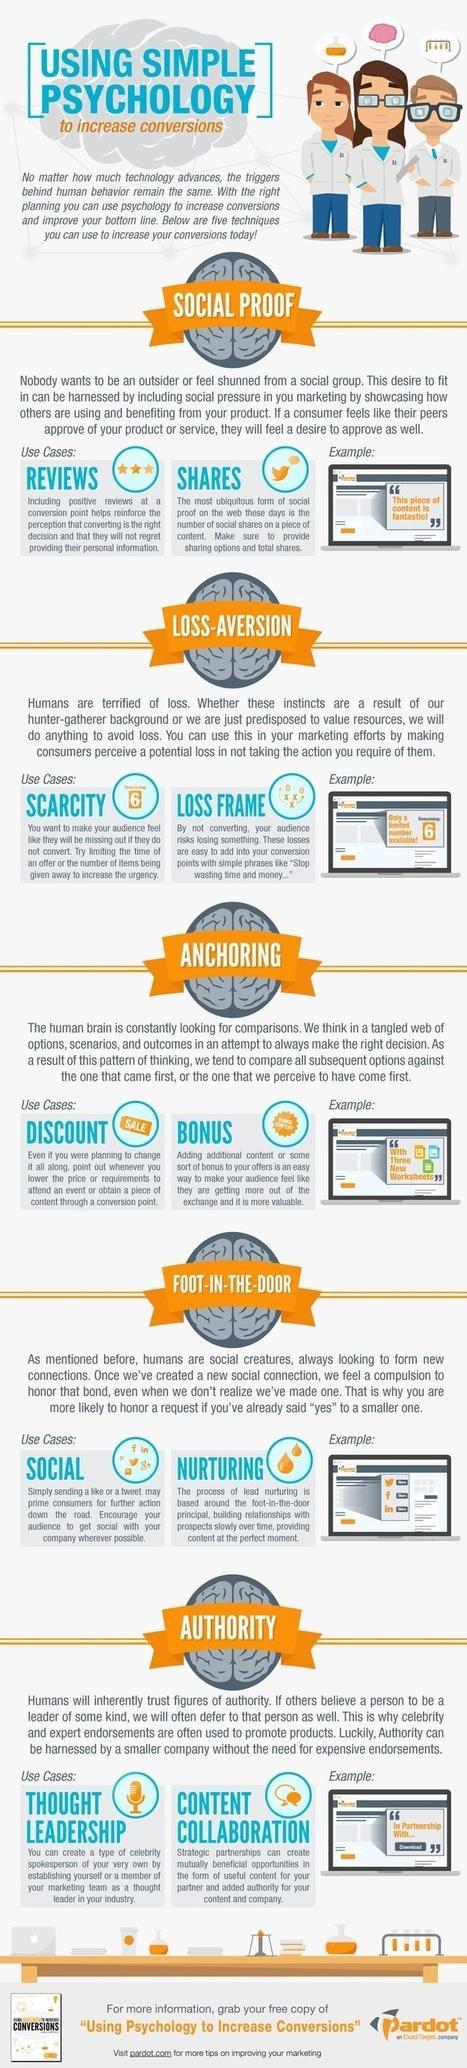 [infografica] Aumentare le conversioni usando la psicologia | Personal Branding | Scoop.it